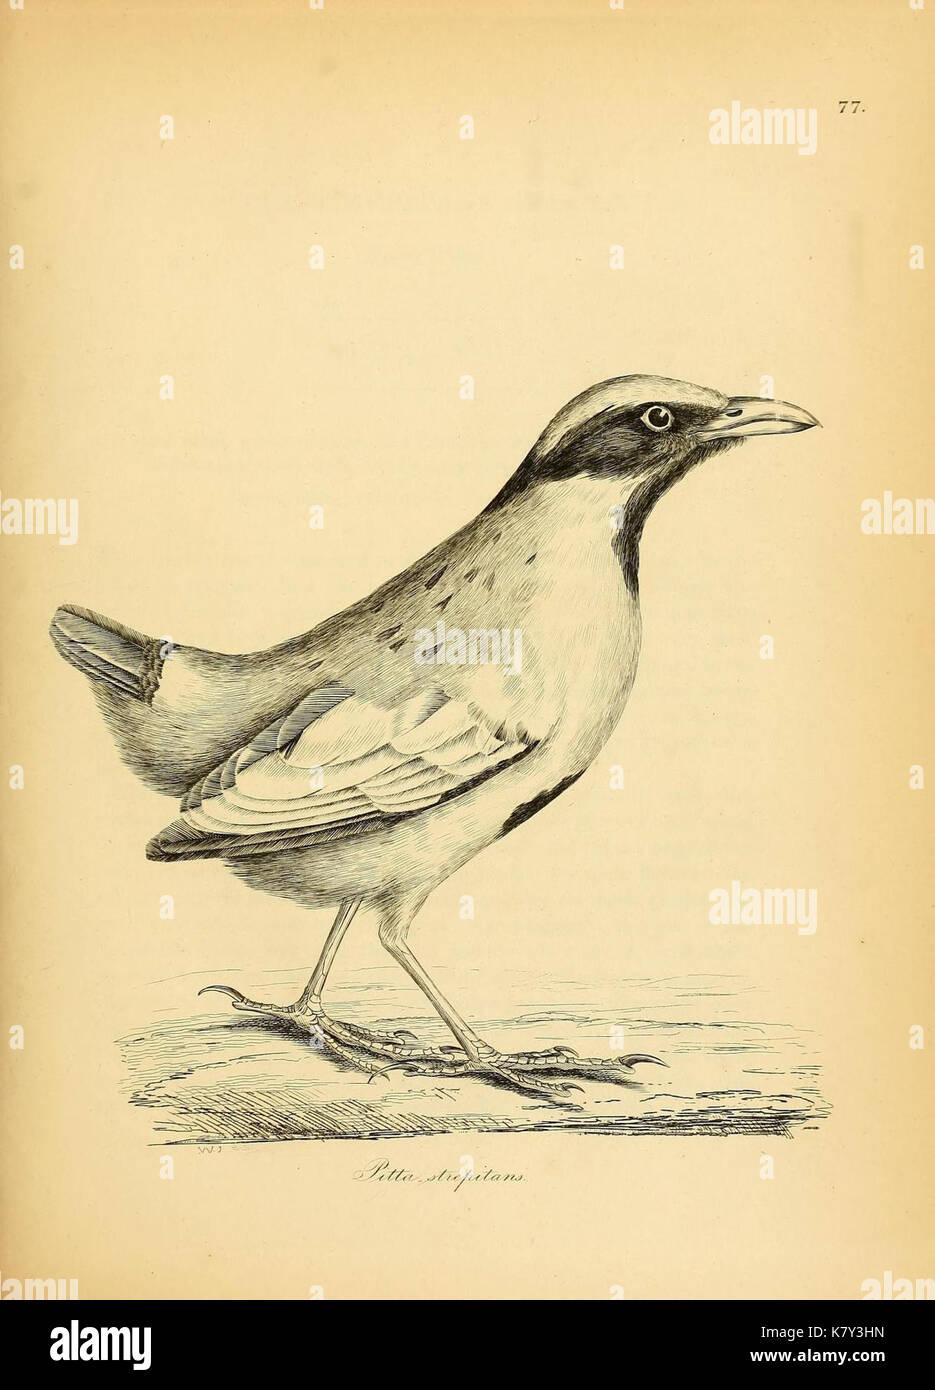 Illustrations of ornithology (Plate 77) (7748003260) - Stock Image